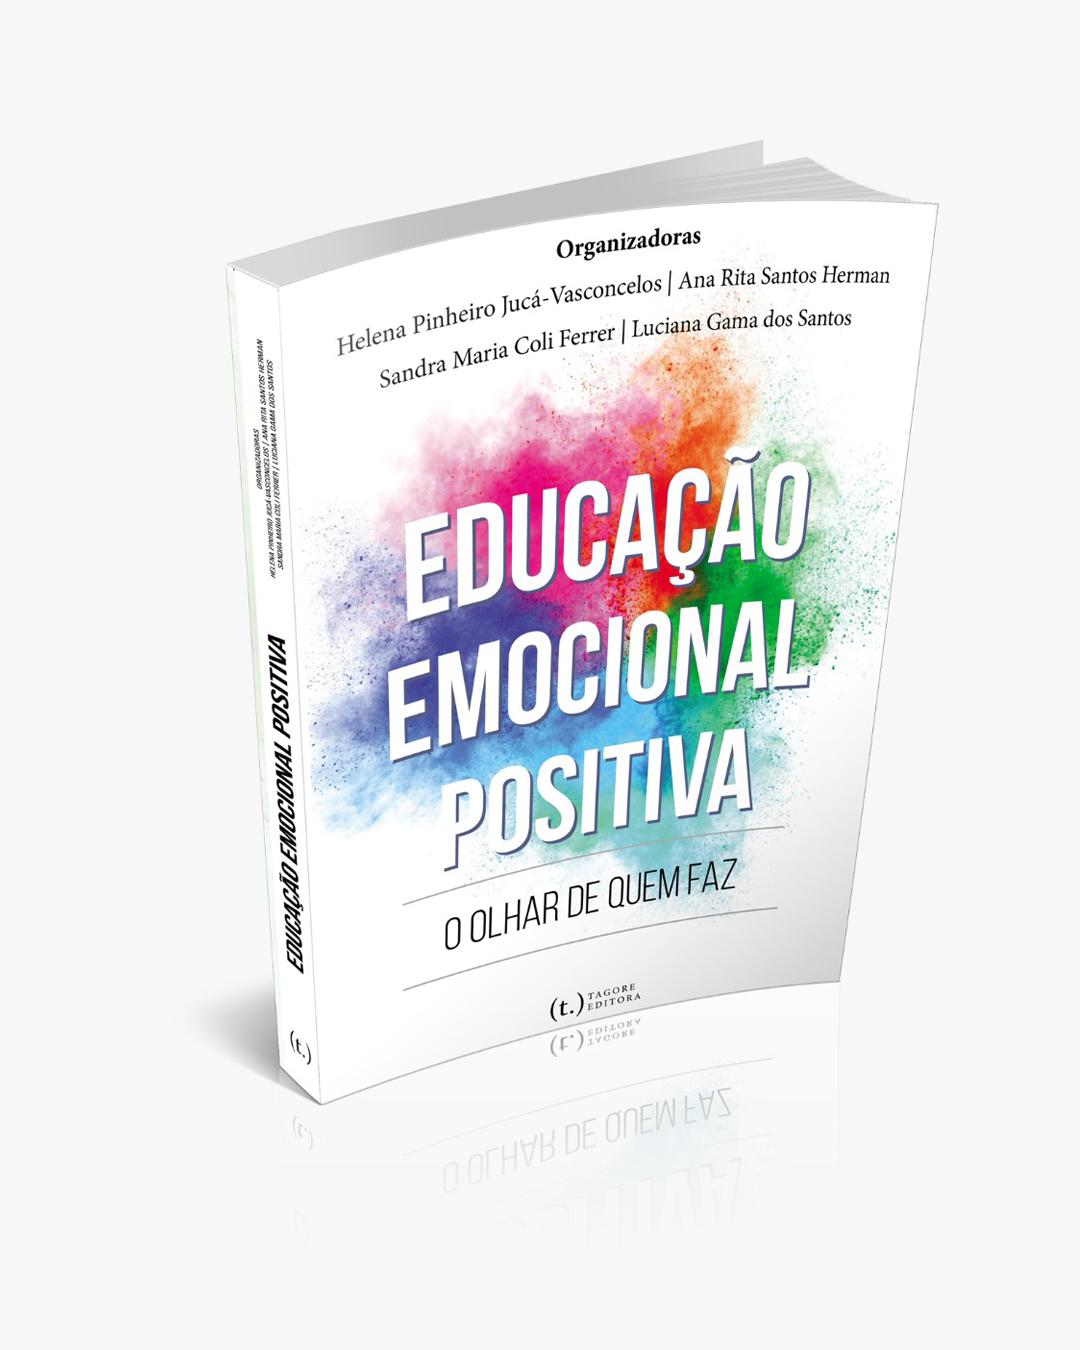 Educação Emocional Positiva: o olhar de quem faz.